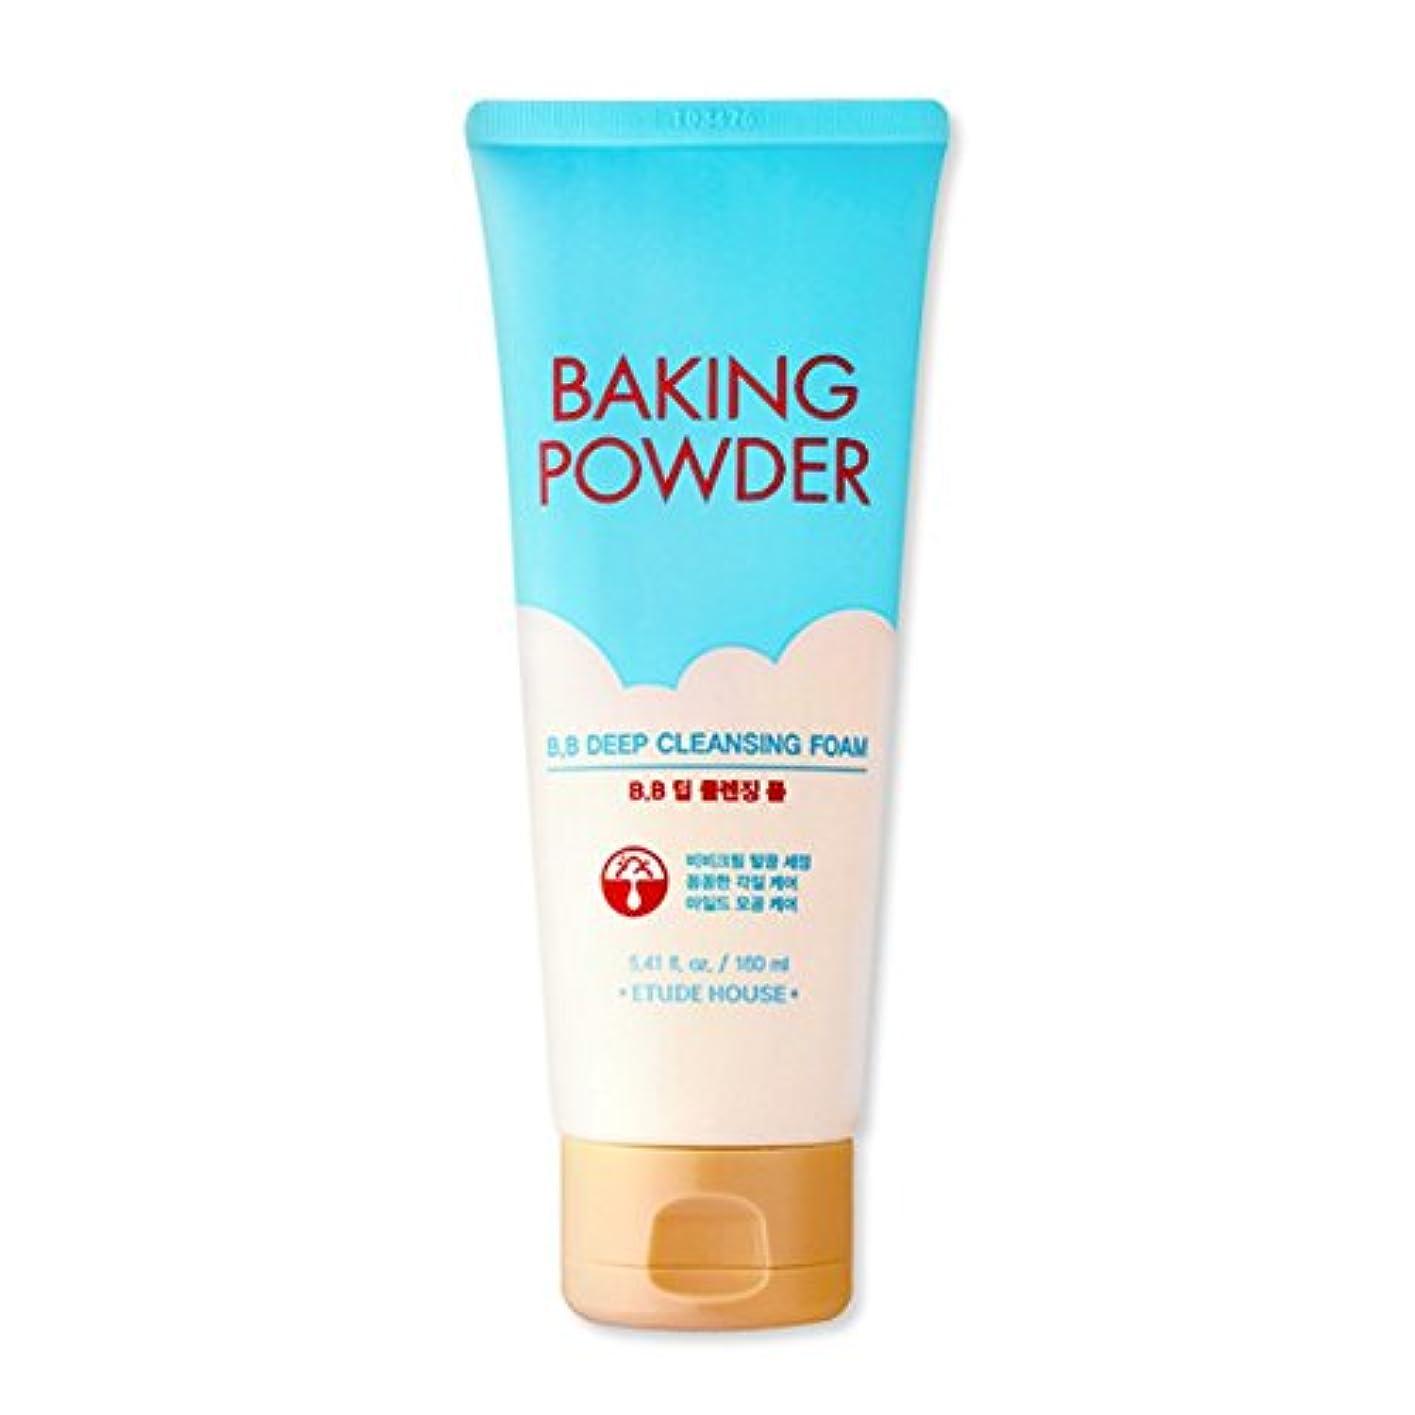 非常に怒っています拾うロンドン[2016 Upgrade!] ETUDE HOUSE Baking Powder B.B Deep Cleansing Foam 160ml/エチュードハウス ベーキング パウダー B.B ディープ クレンジング フォーム...